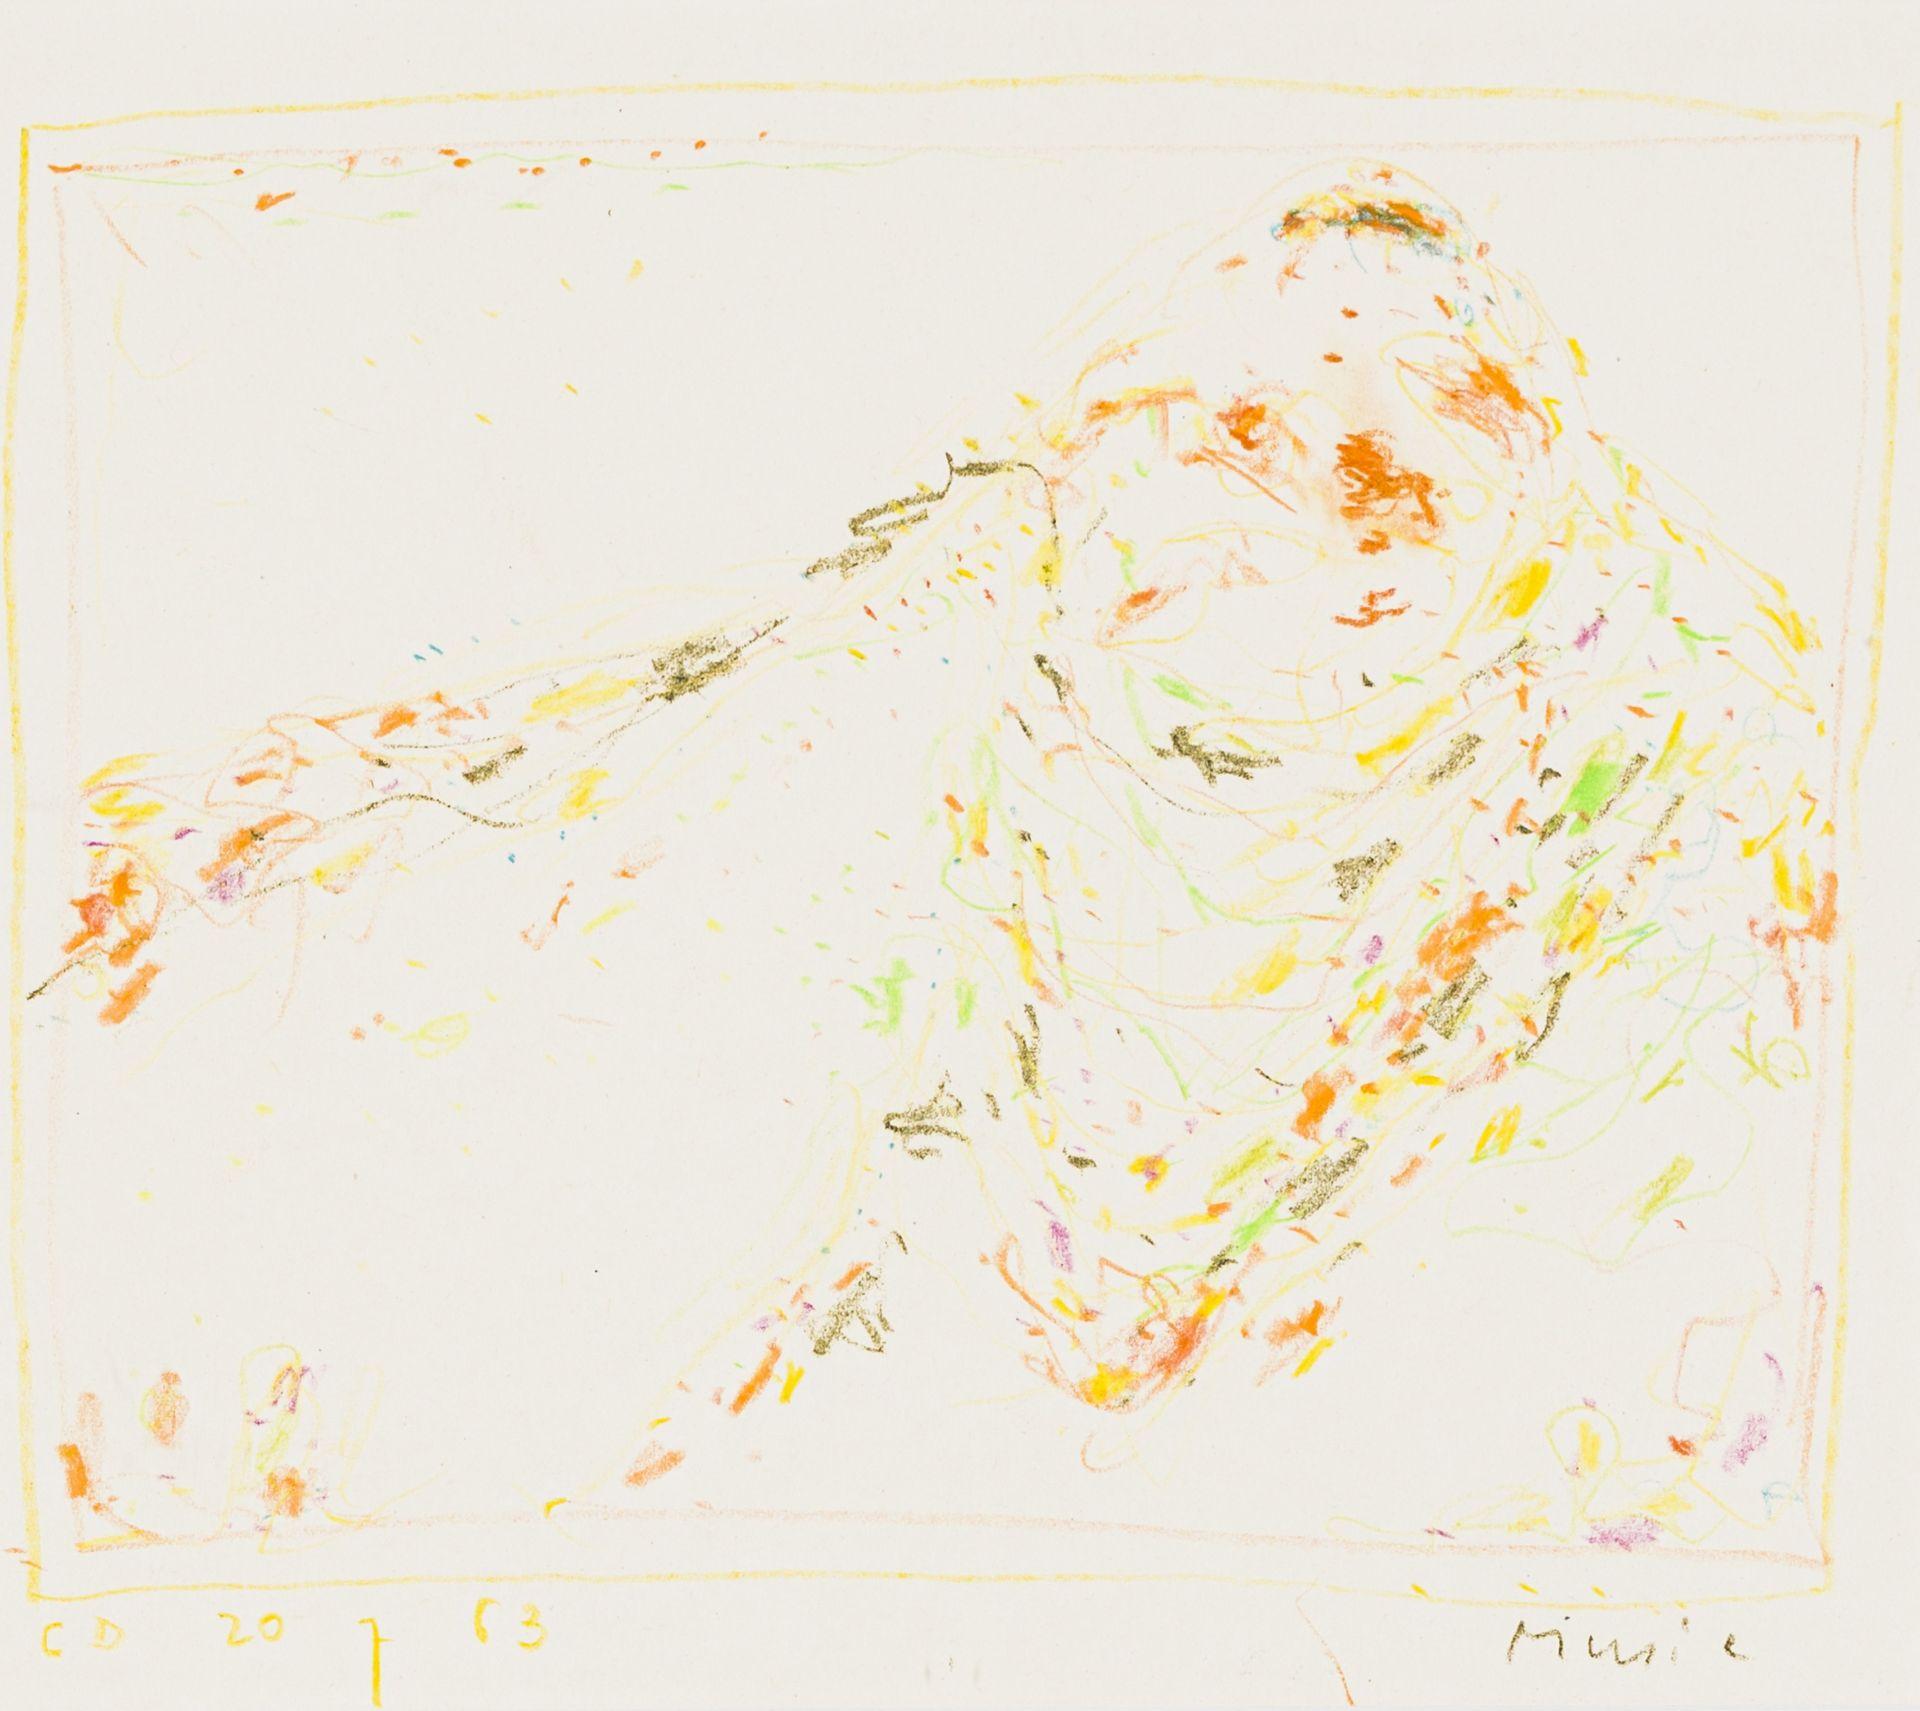 peter-griesser-www-petergriesser-com-1279